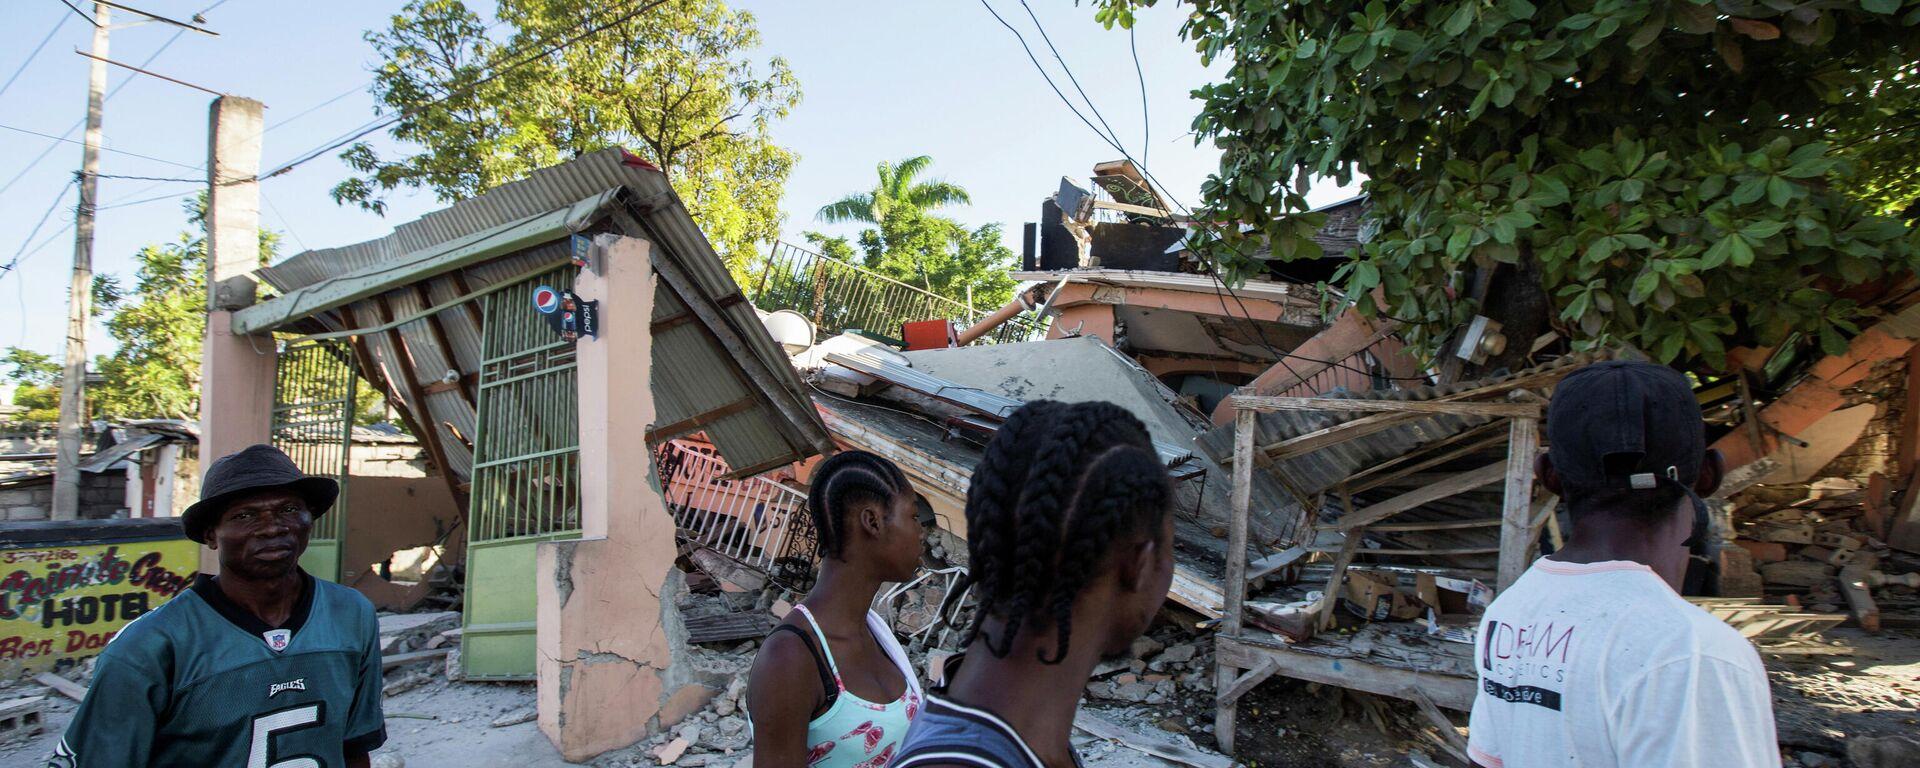 Consecuencias del terremoto en Haití - Sputnik Mundo, 1920, 15.08.2021